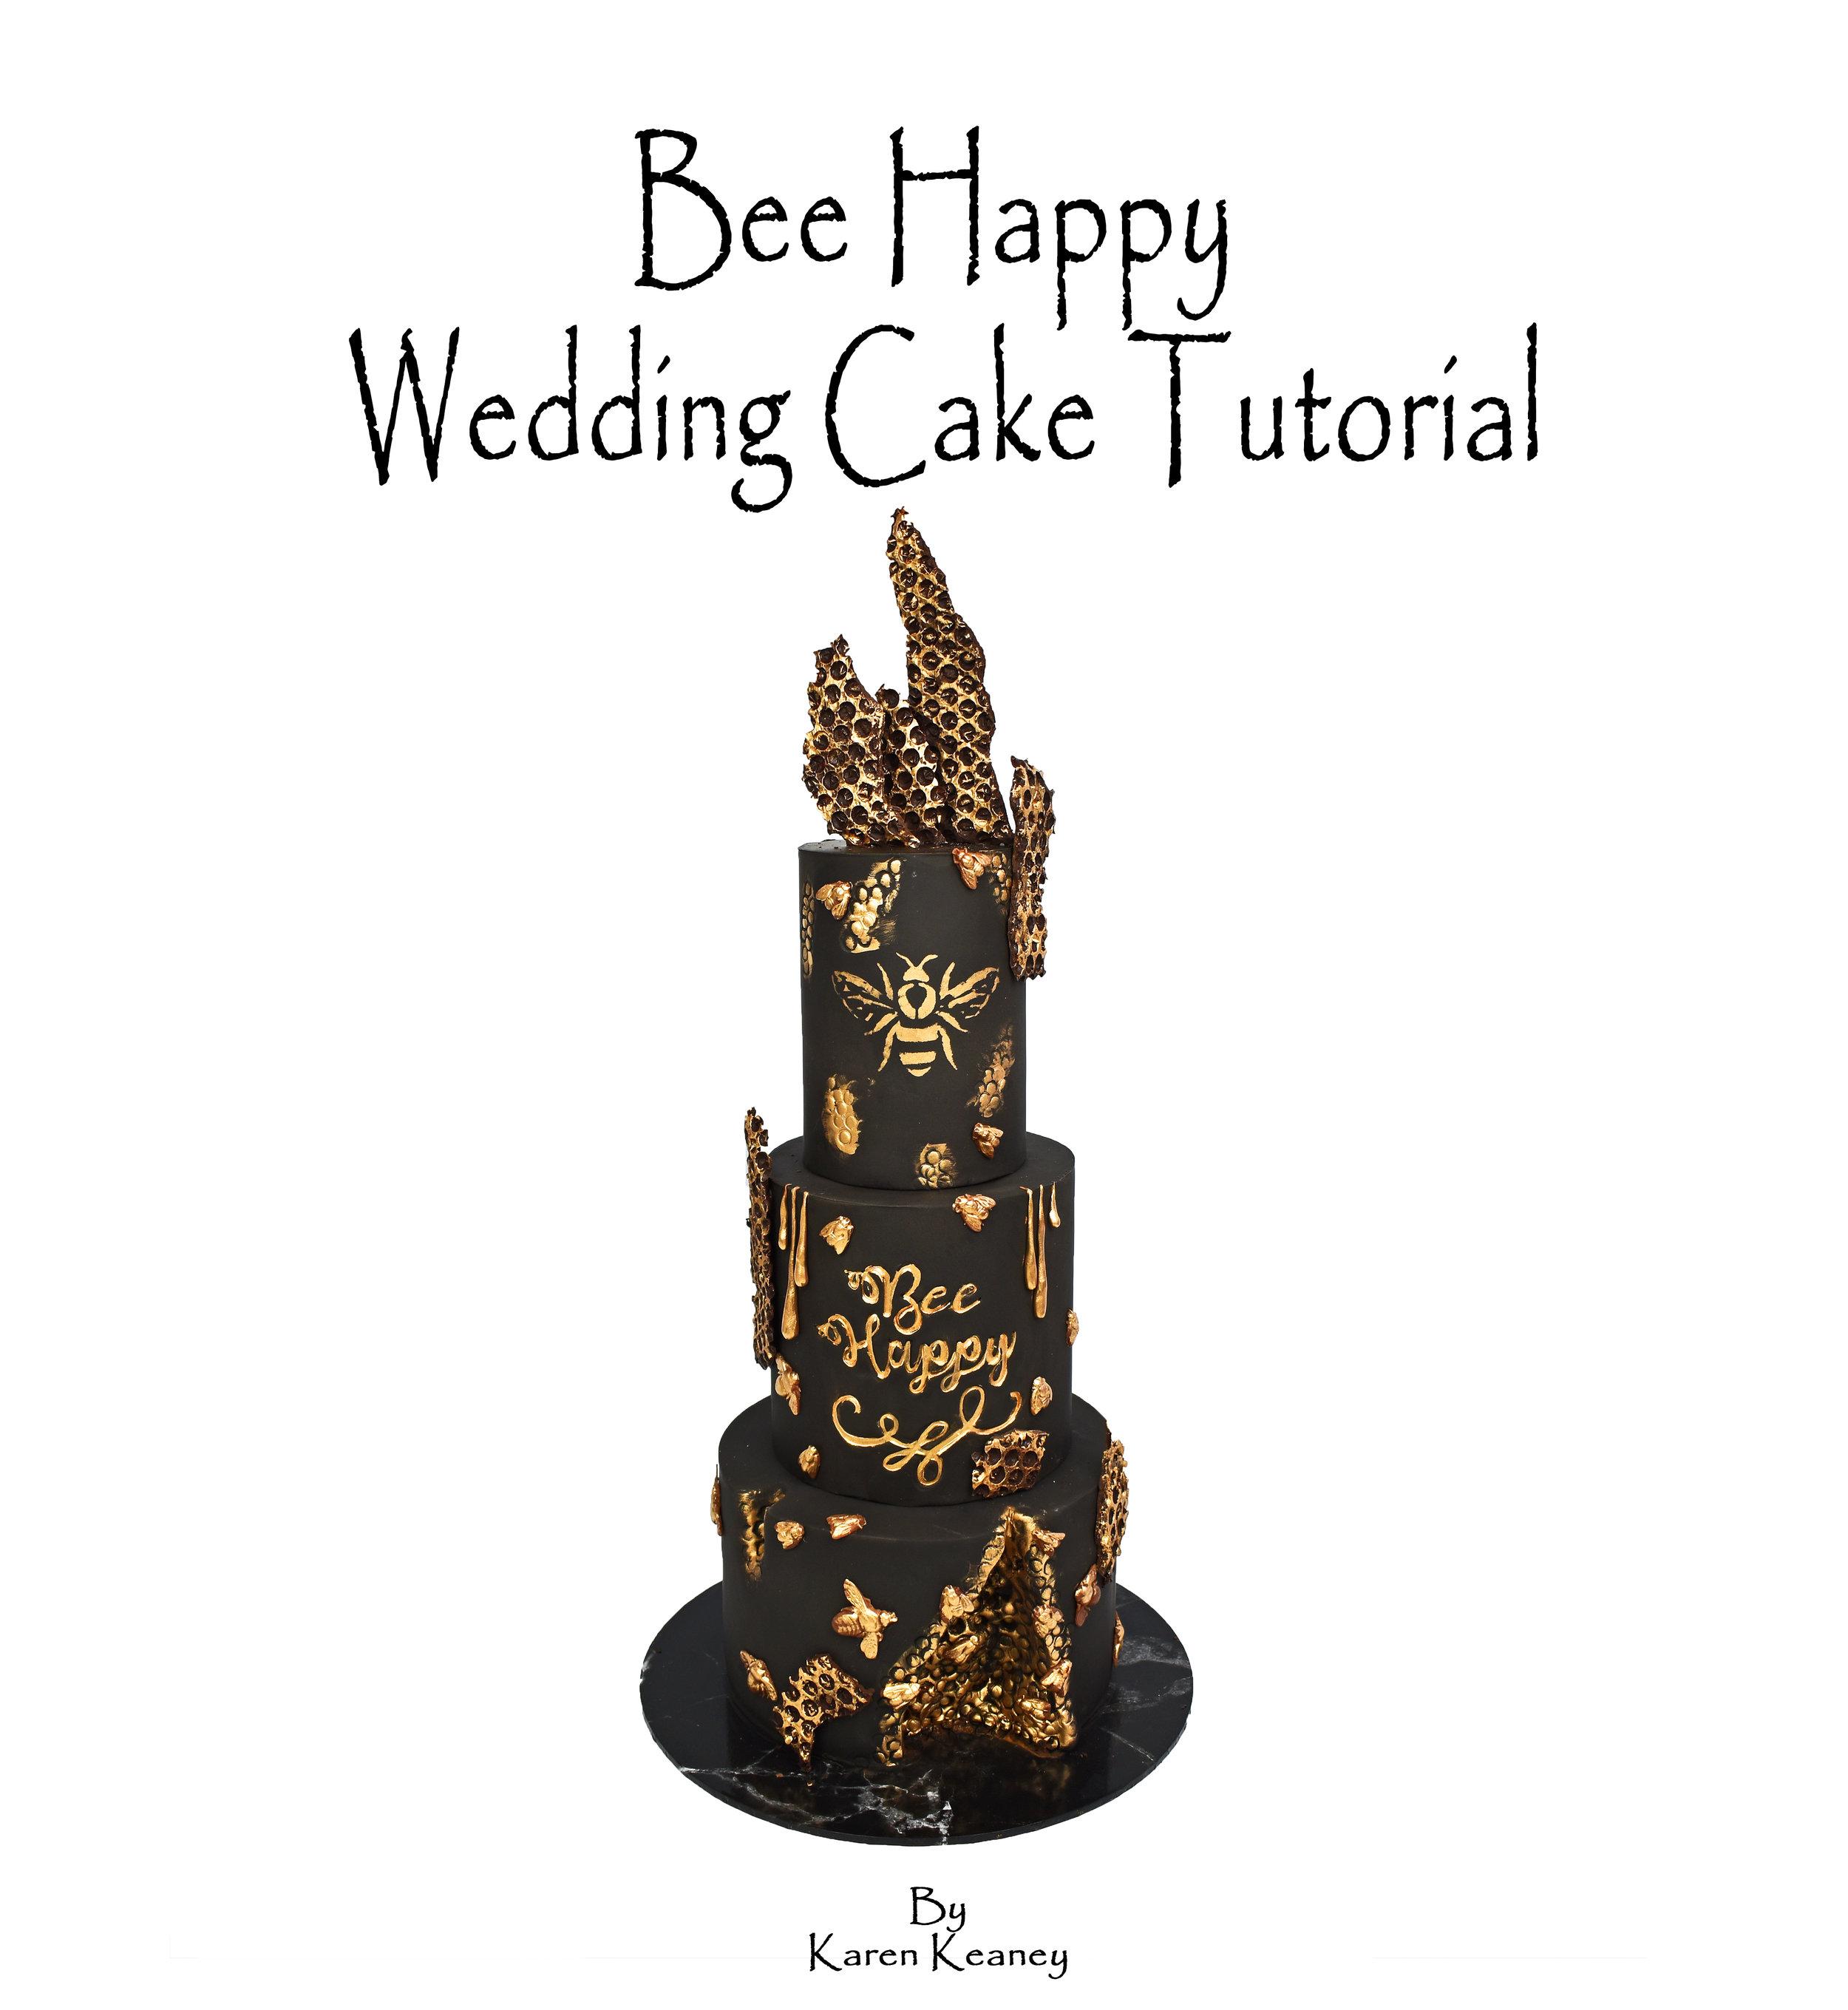 bee happy poster.jpg